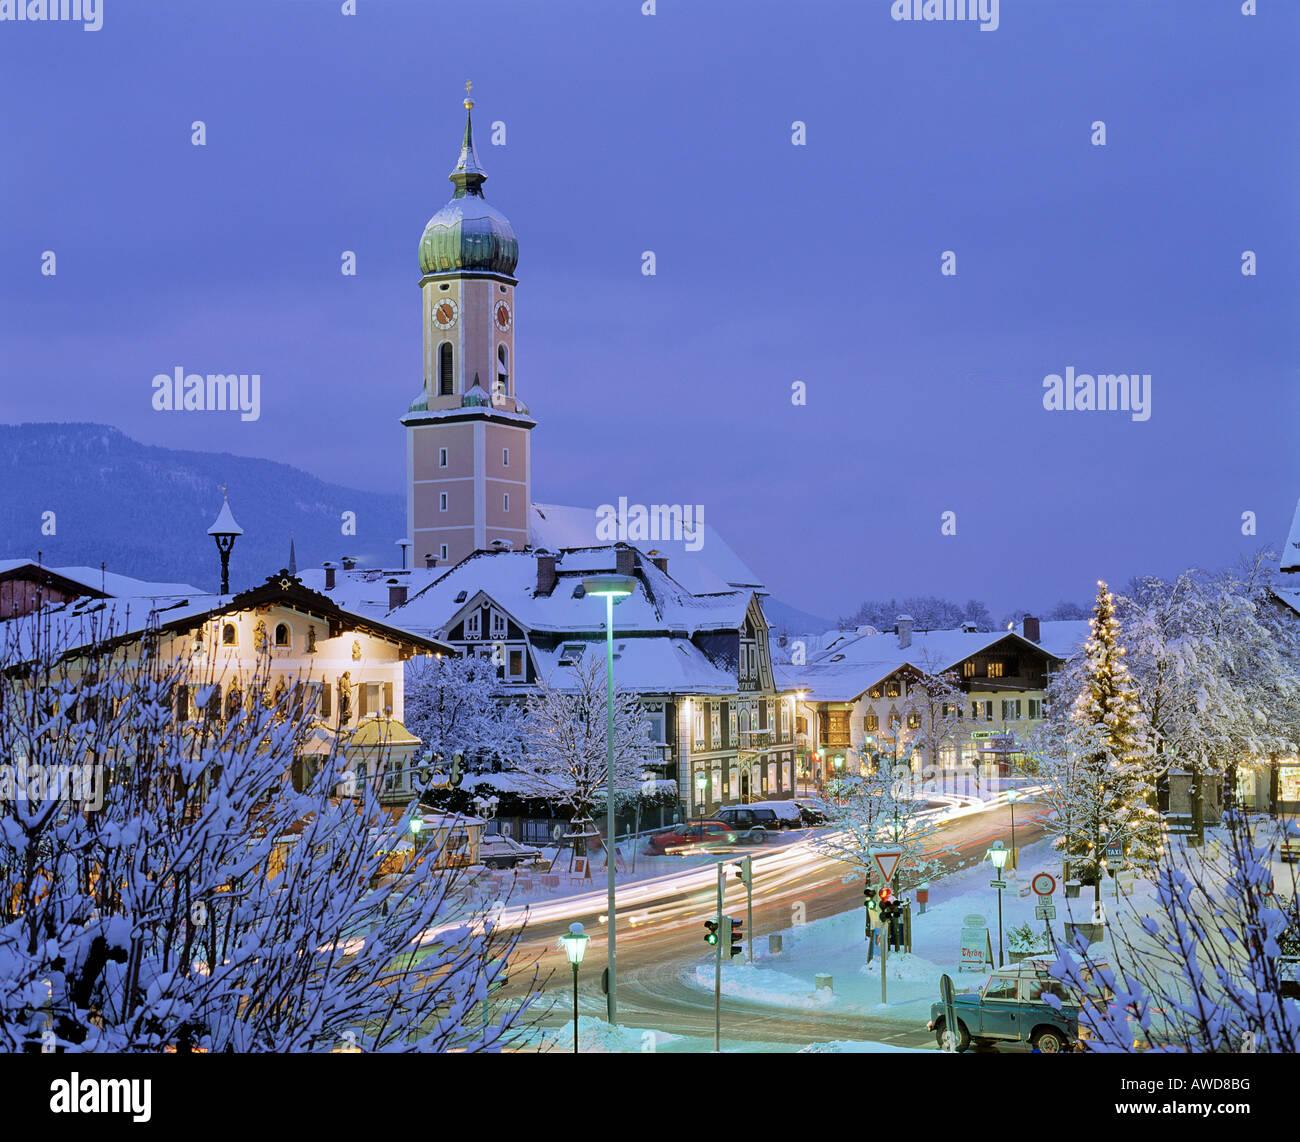 Weihnachten Kirche.Kirche In Garmisch Partenkirchen Bei Dämmerung Weihnachten